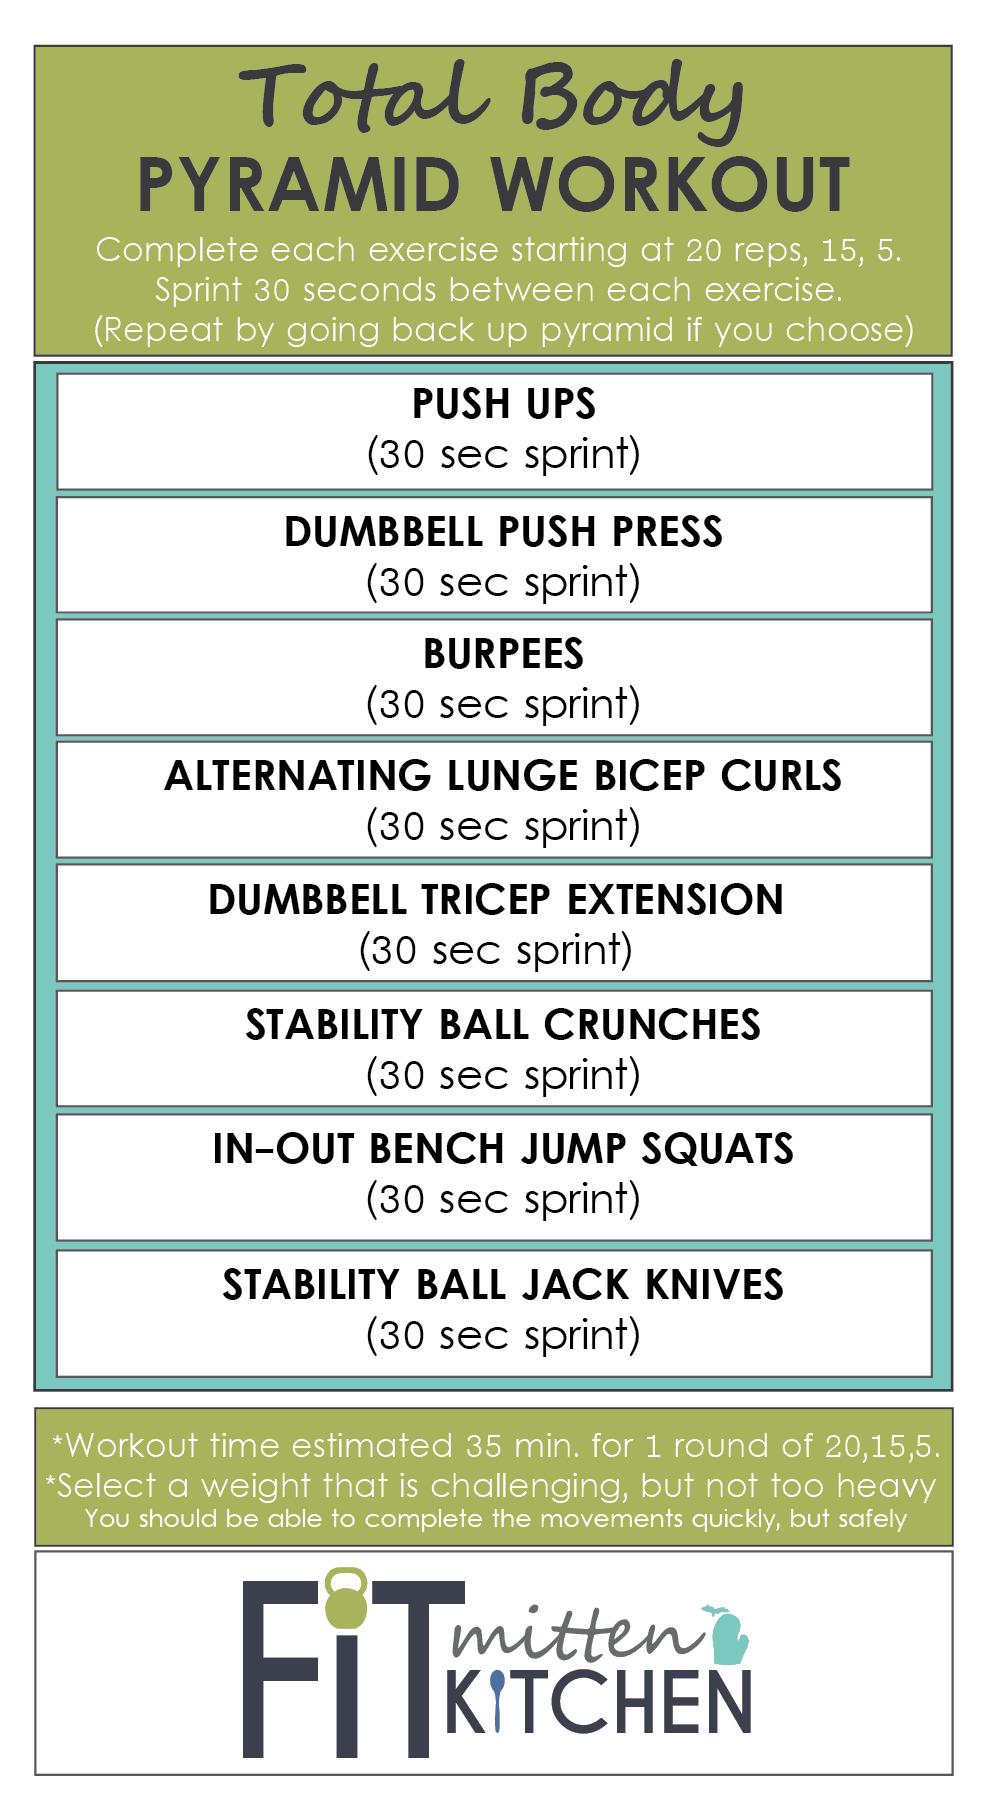 Weight Training Workout 3 Pyramid Fit Mitten Kitchen